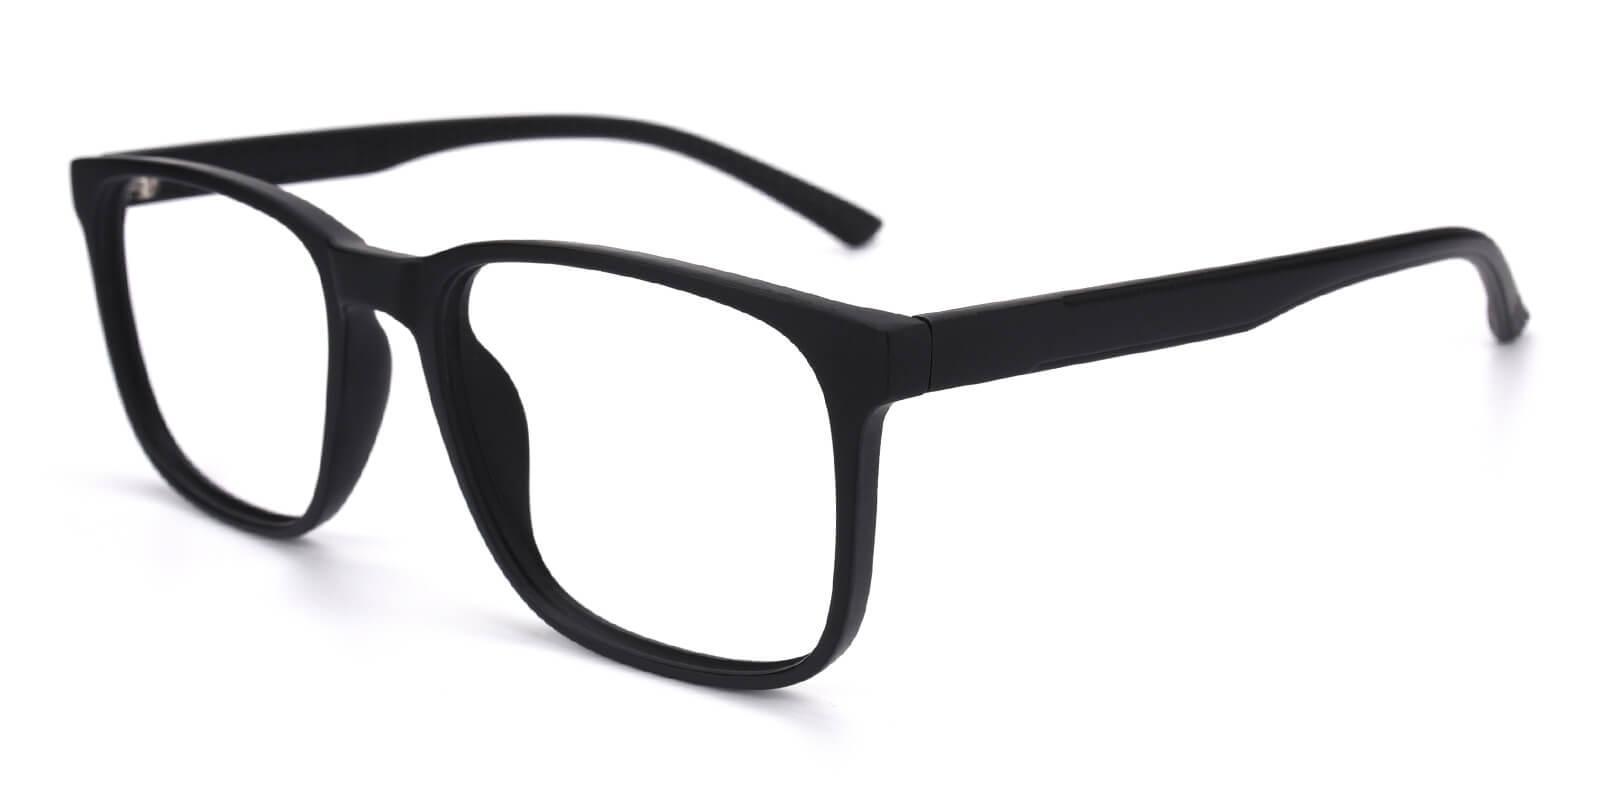 Braxton-Black-Square-TR-Eyeglasses-additional1